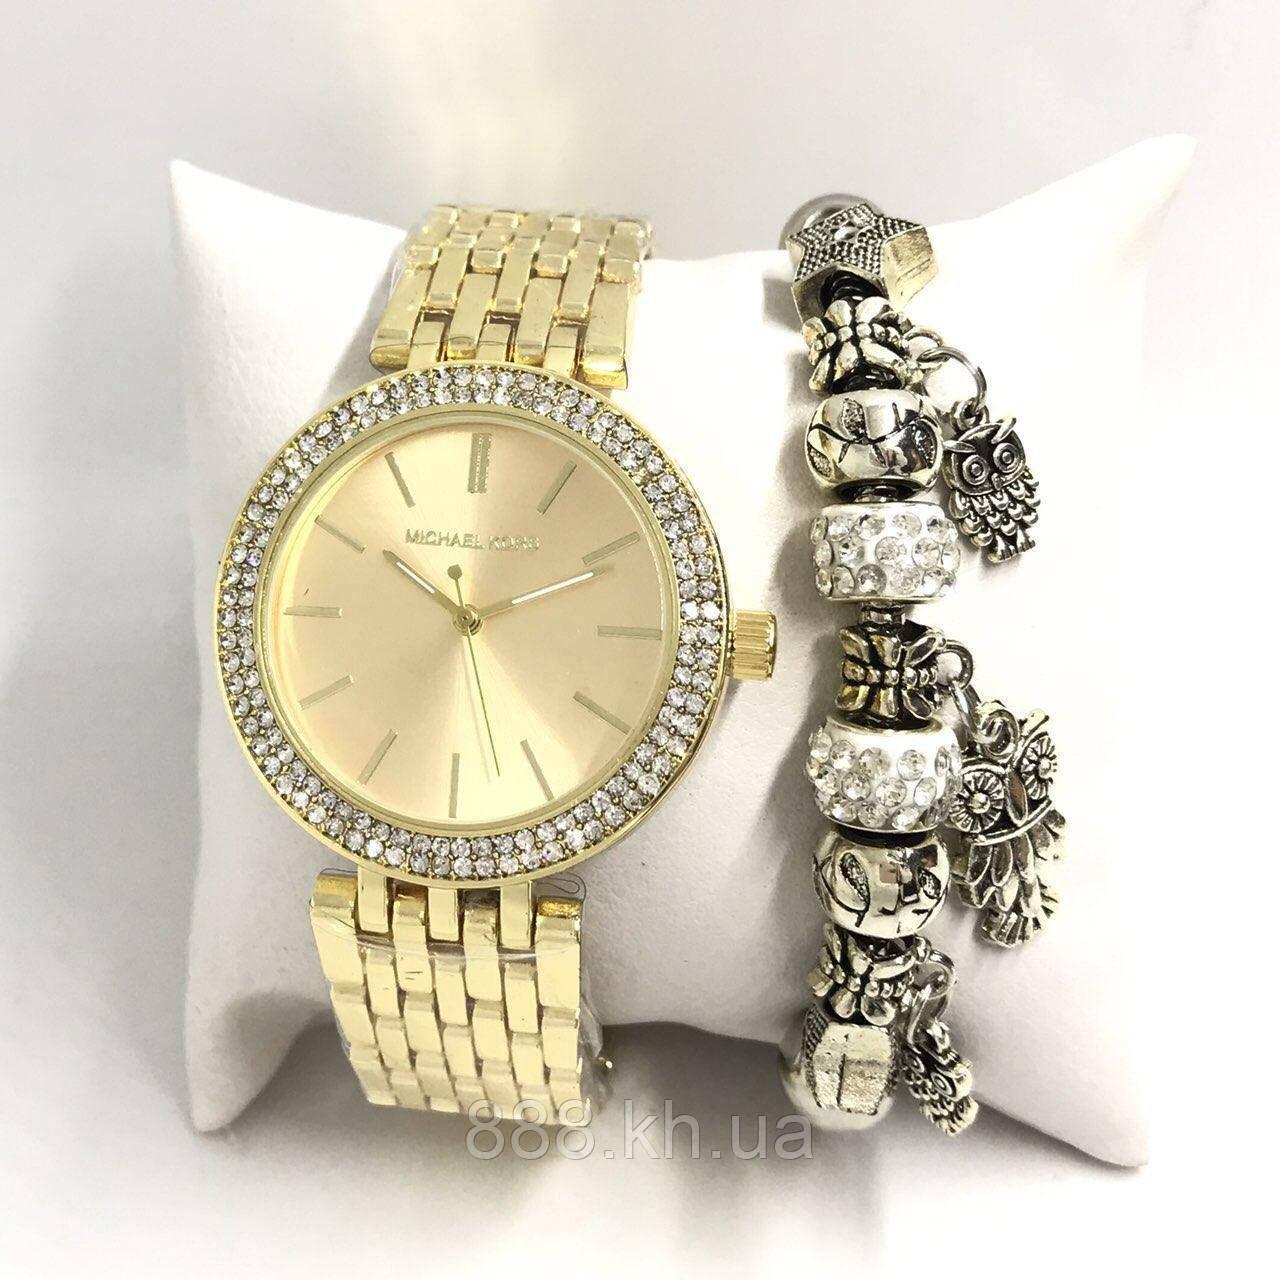 Женские наручные часы Michael Kors копия класса люкс, жіночі годинники Michael Kors (золото)